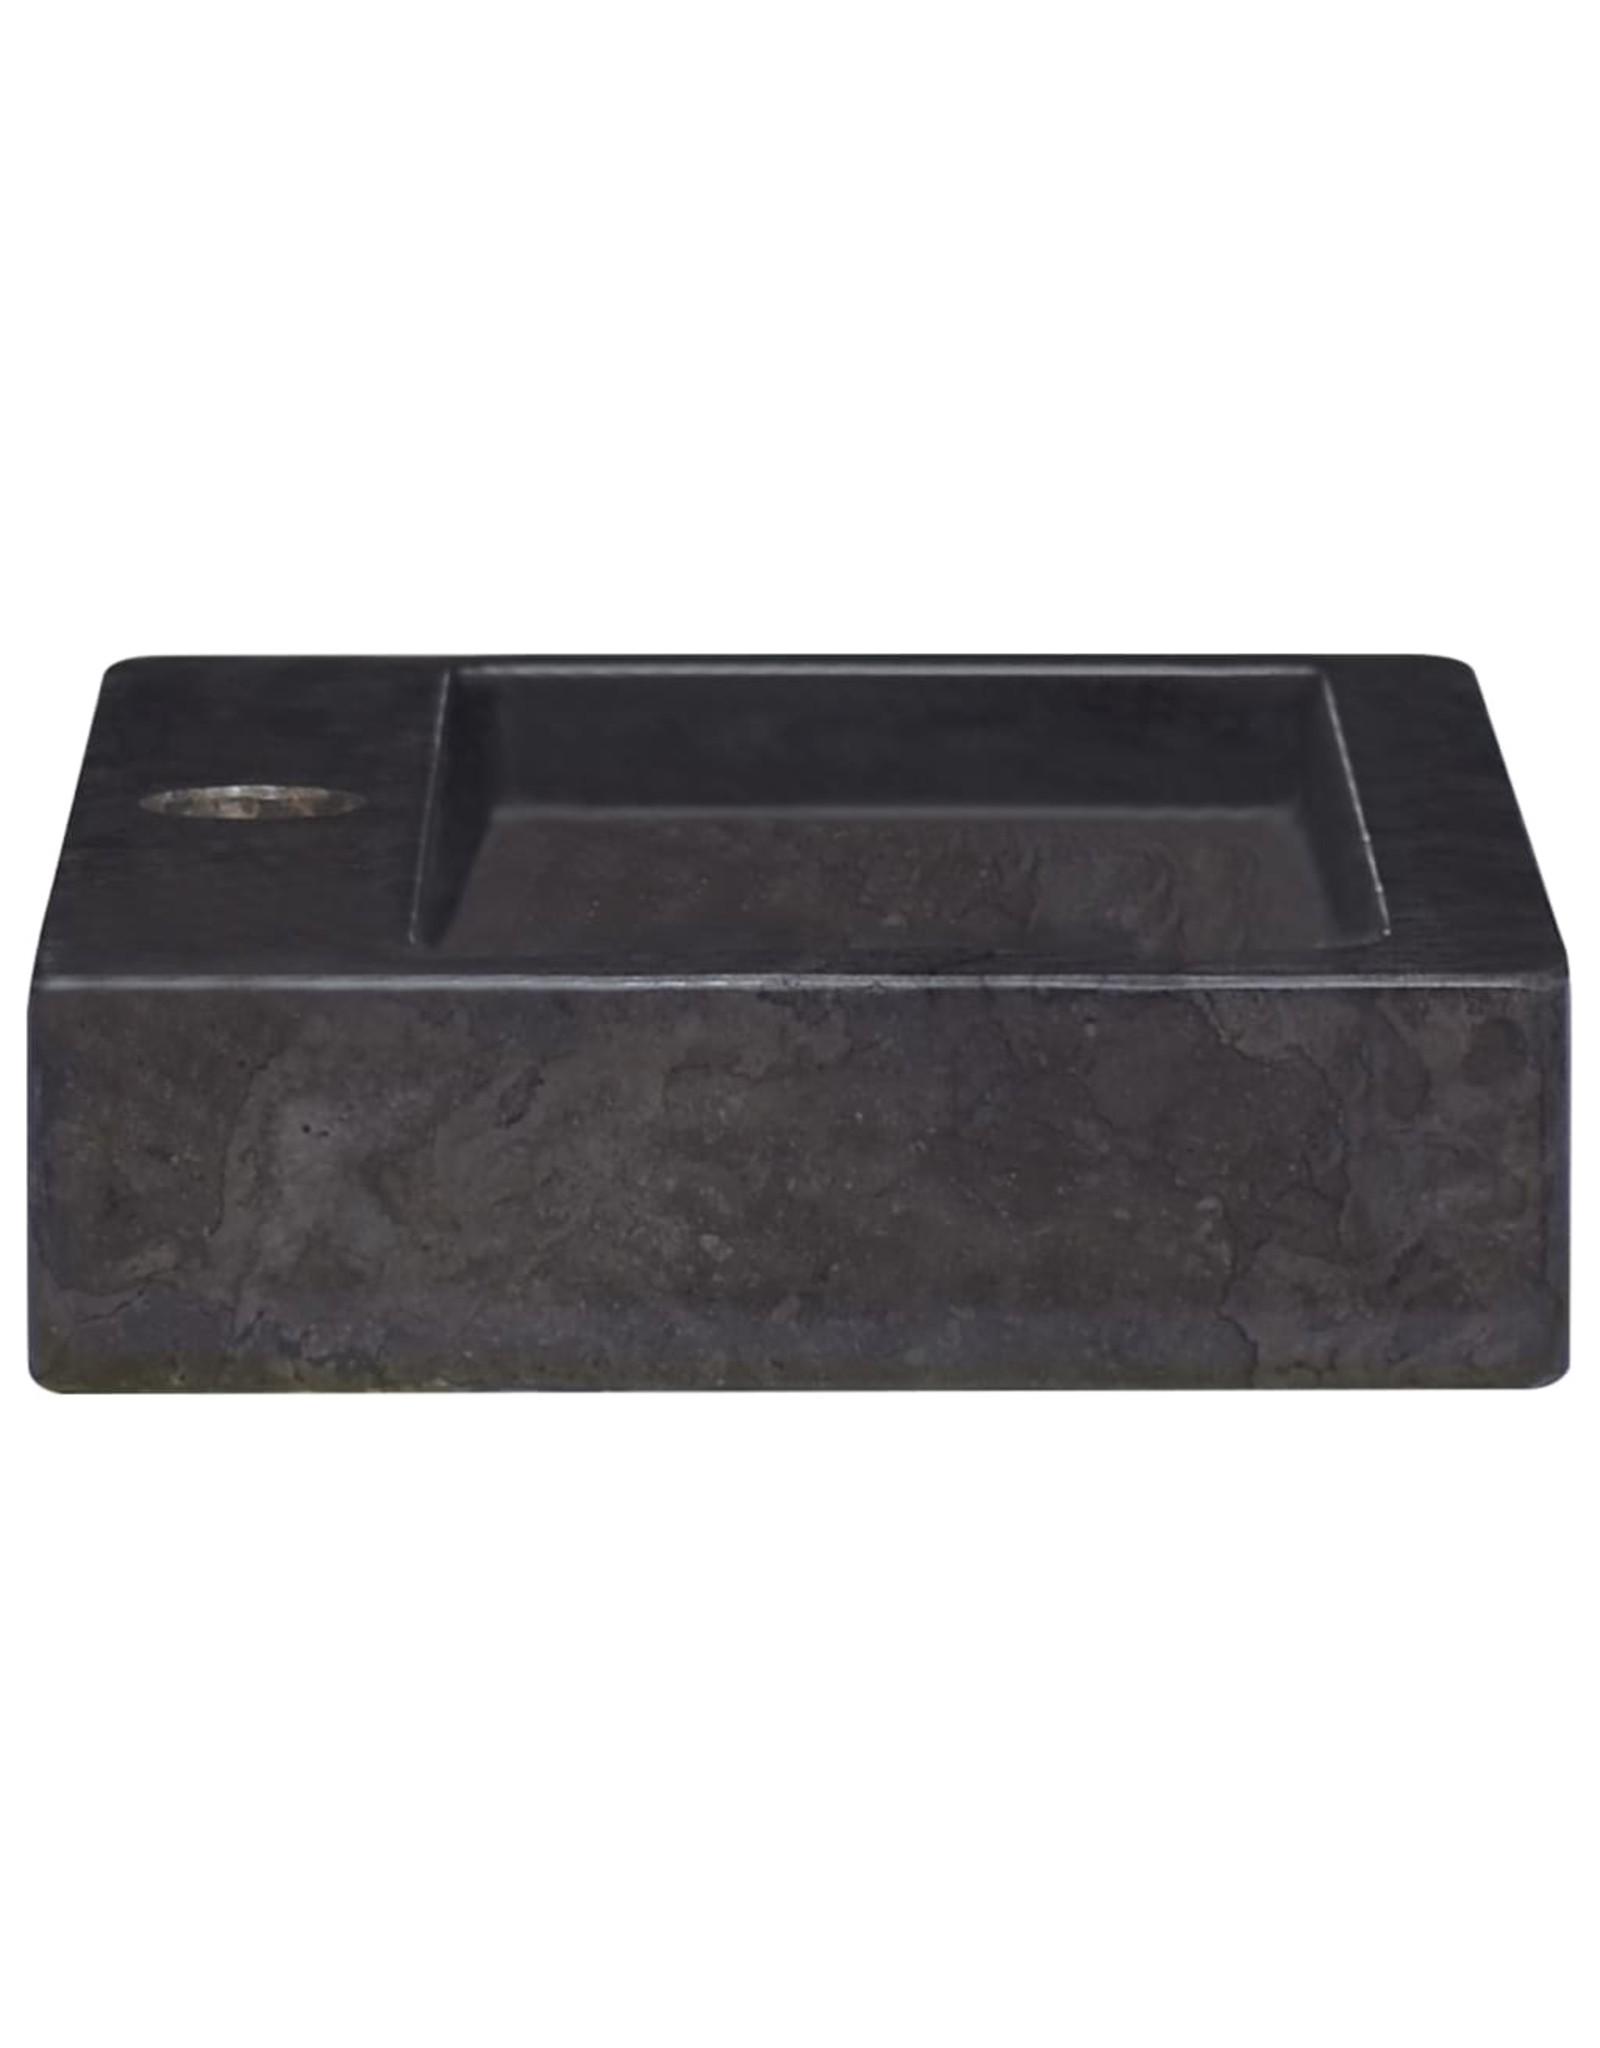 Gootsteen 38x24x6,5 cm marmer zwart